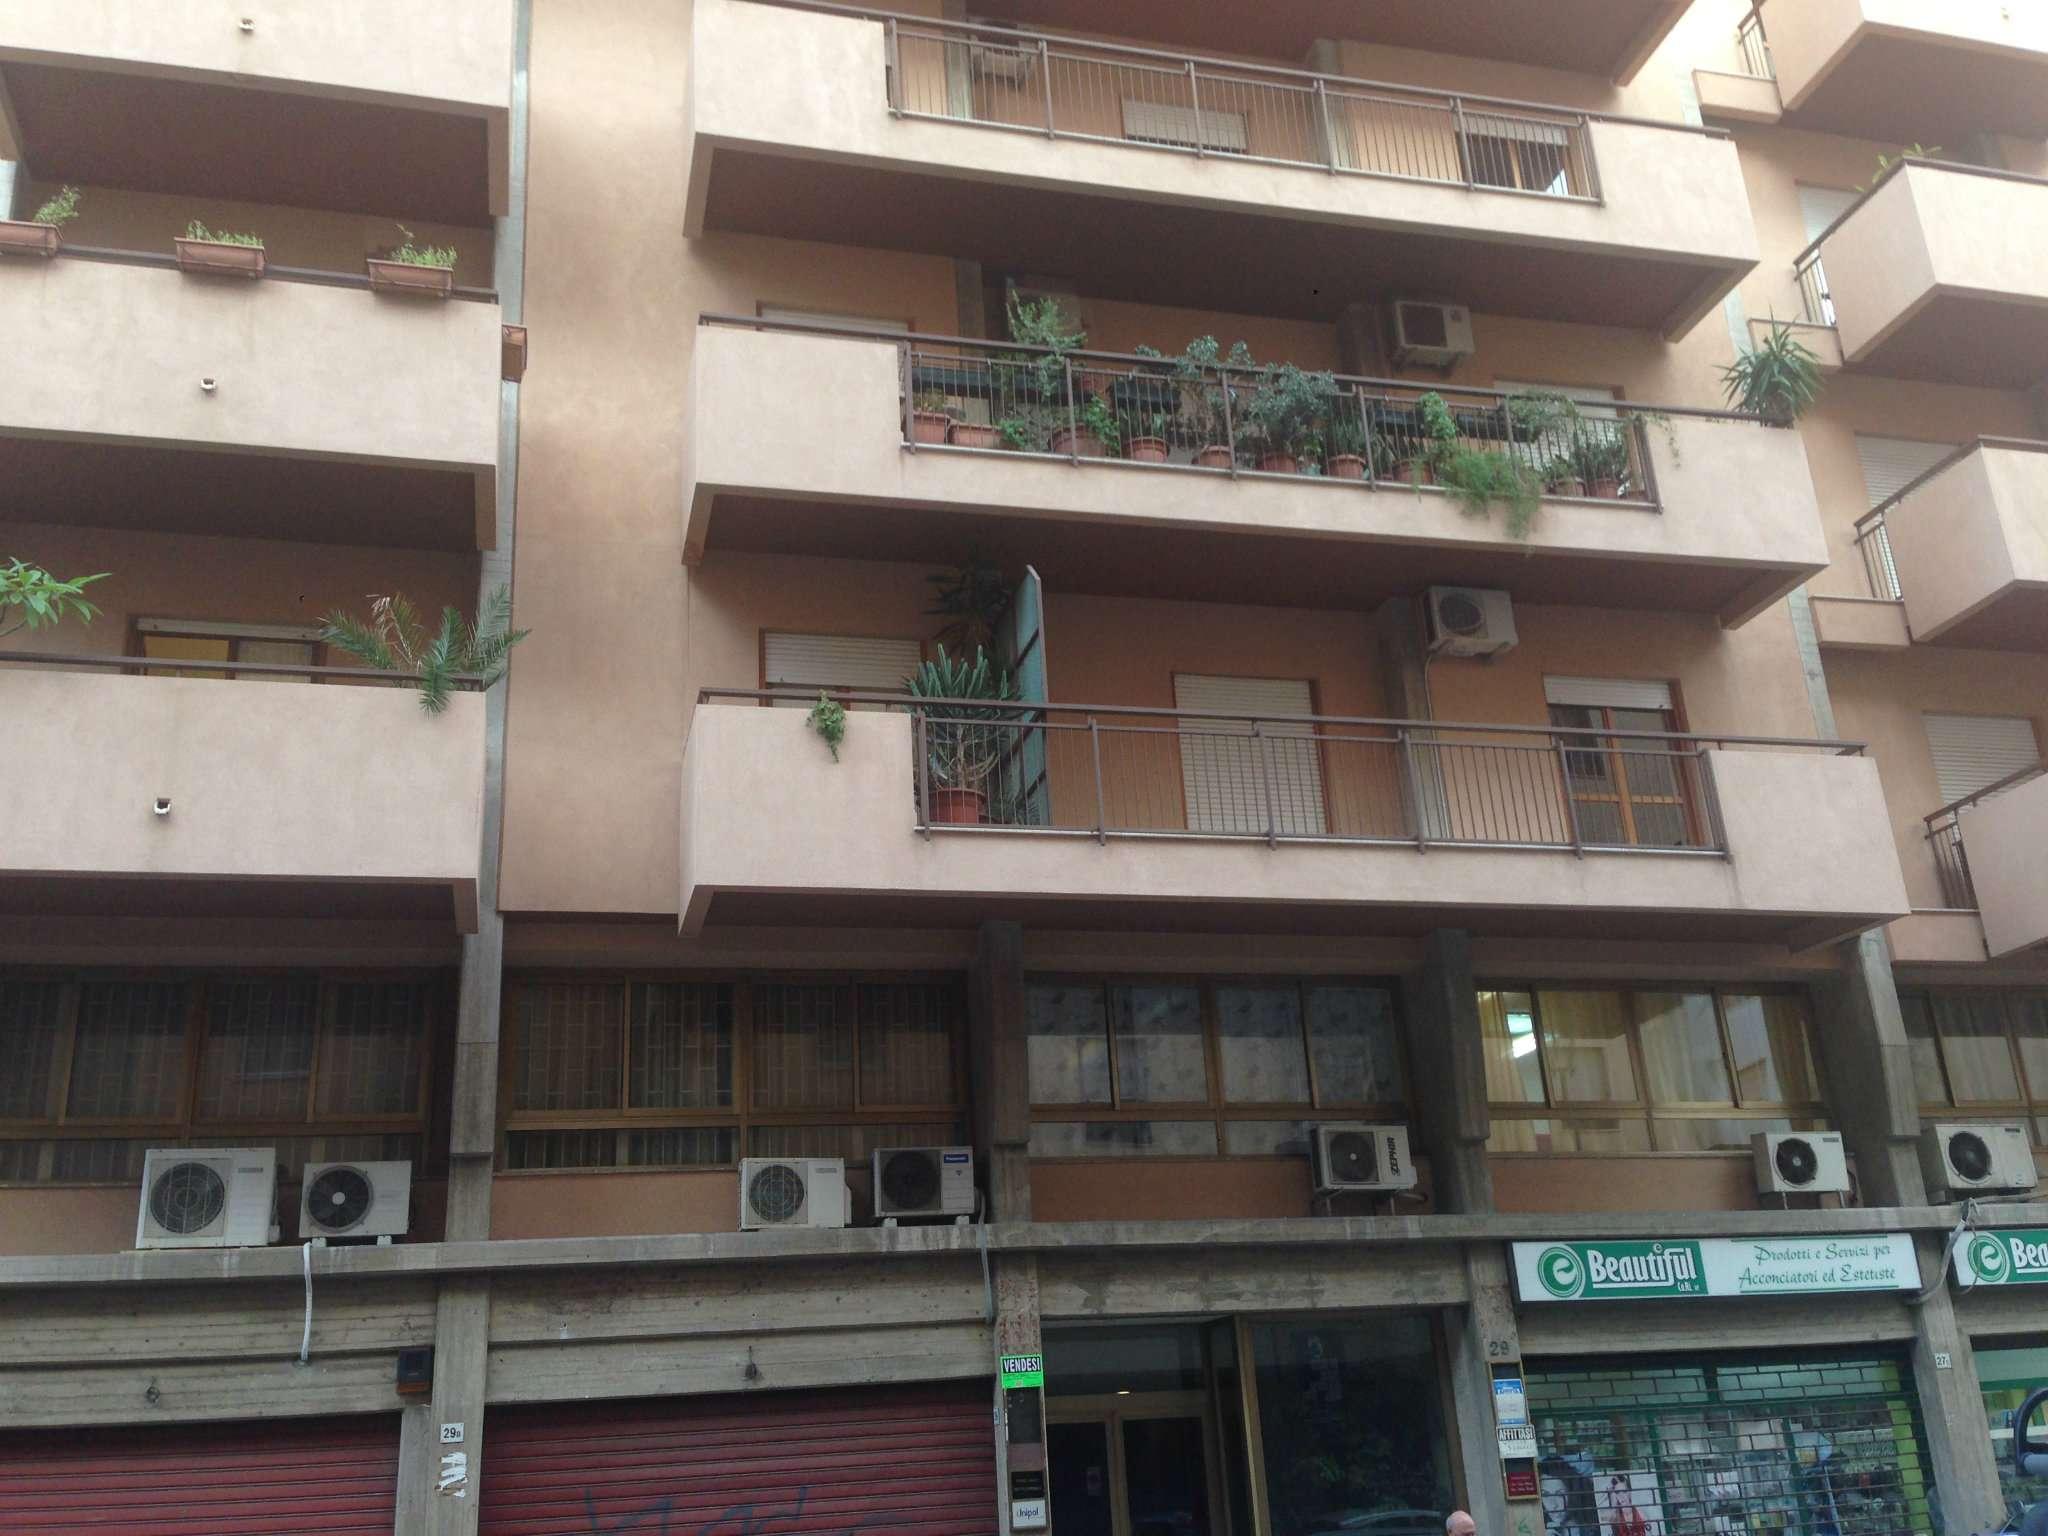 Appartamenti in affitto a palermo annunci immobiliari for Appartamenti in affitto a palermo arredati